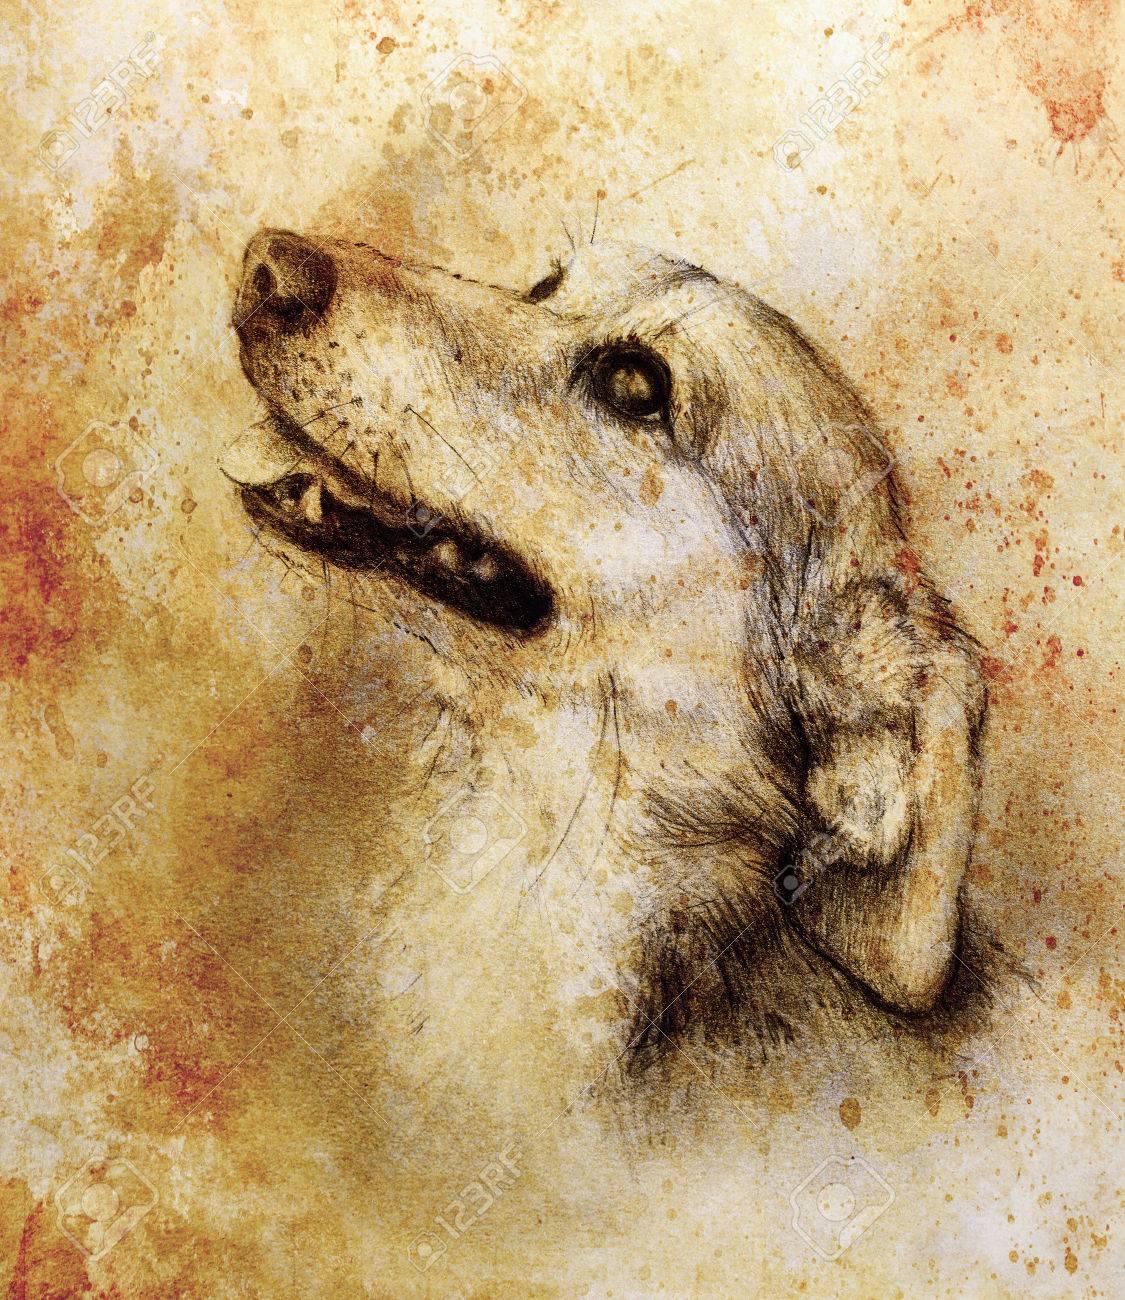 El Dibujo De Lápiz Del Perro En El Papel Viejo Papel De La Vendimia